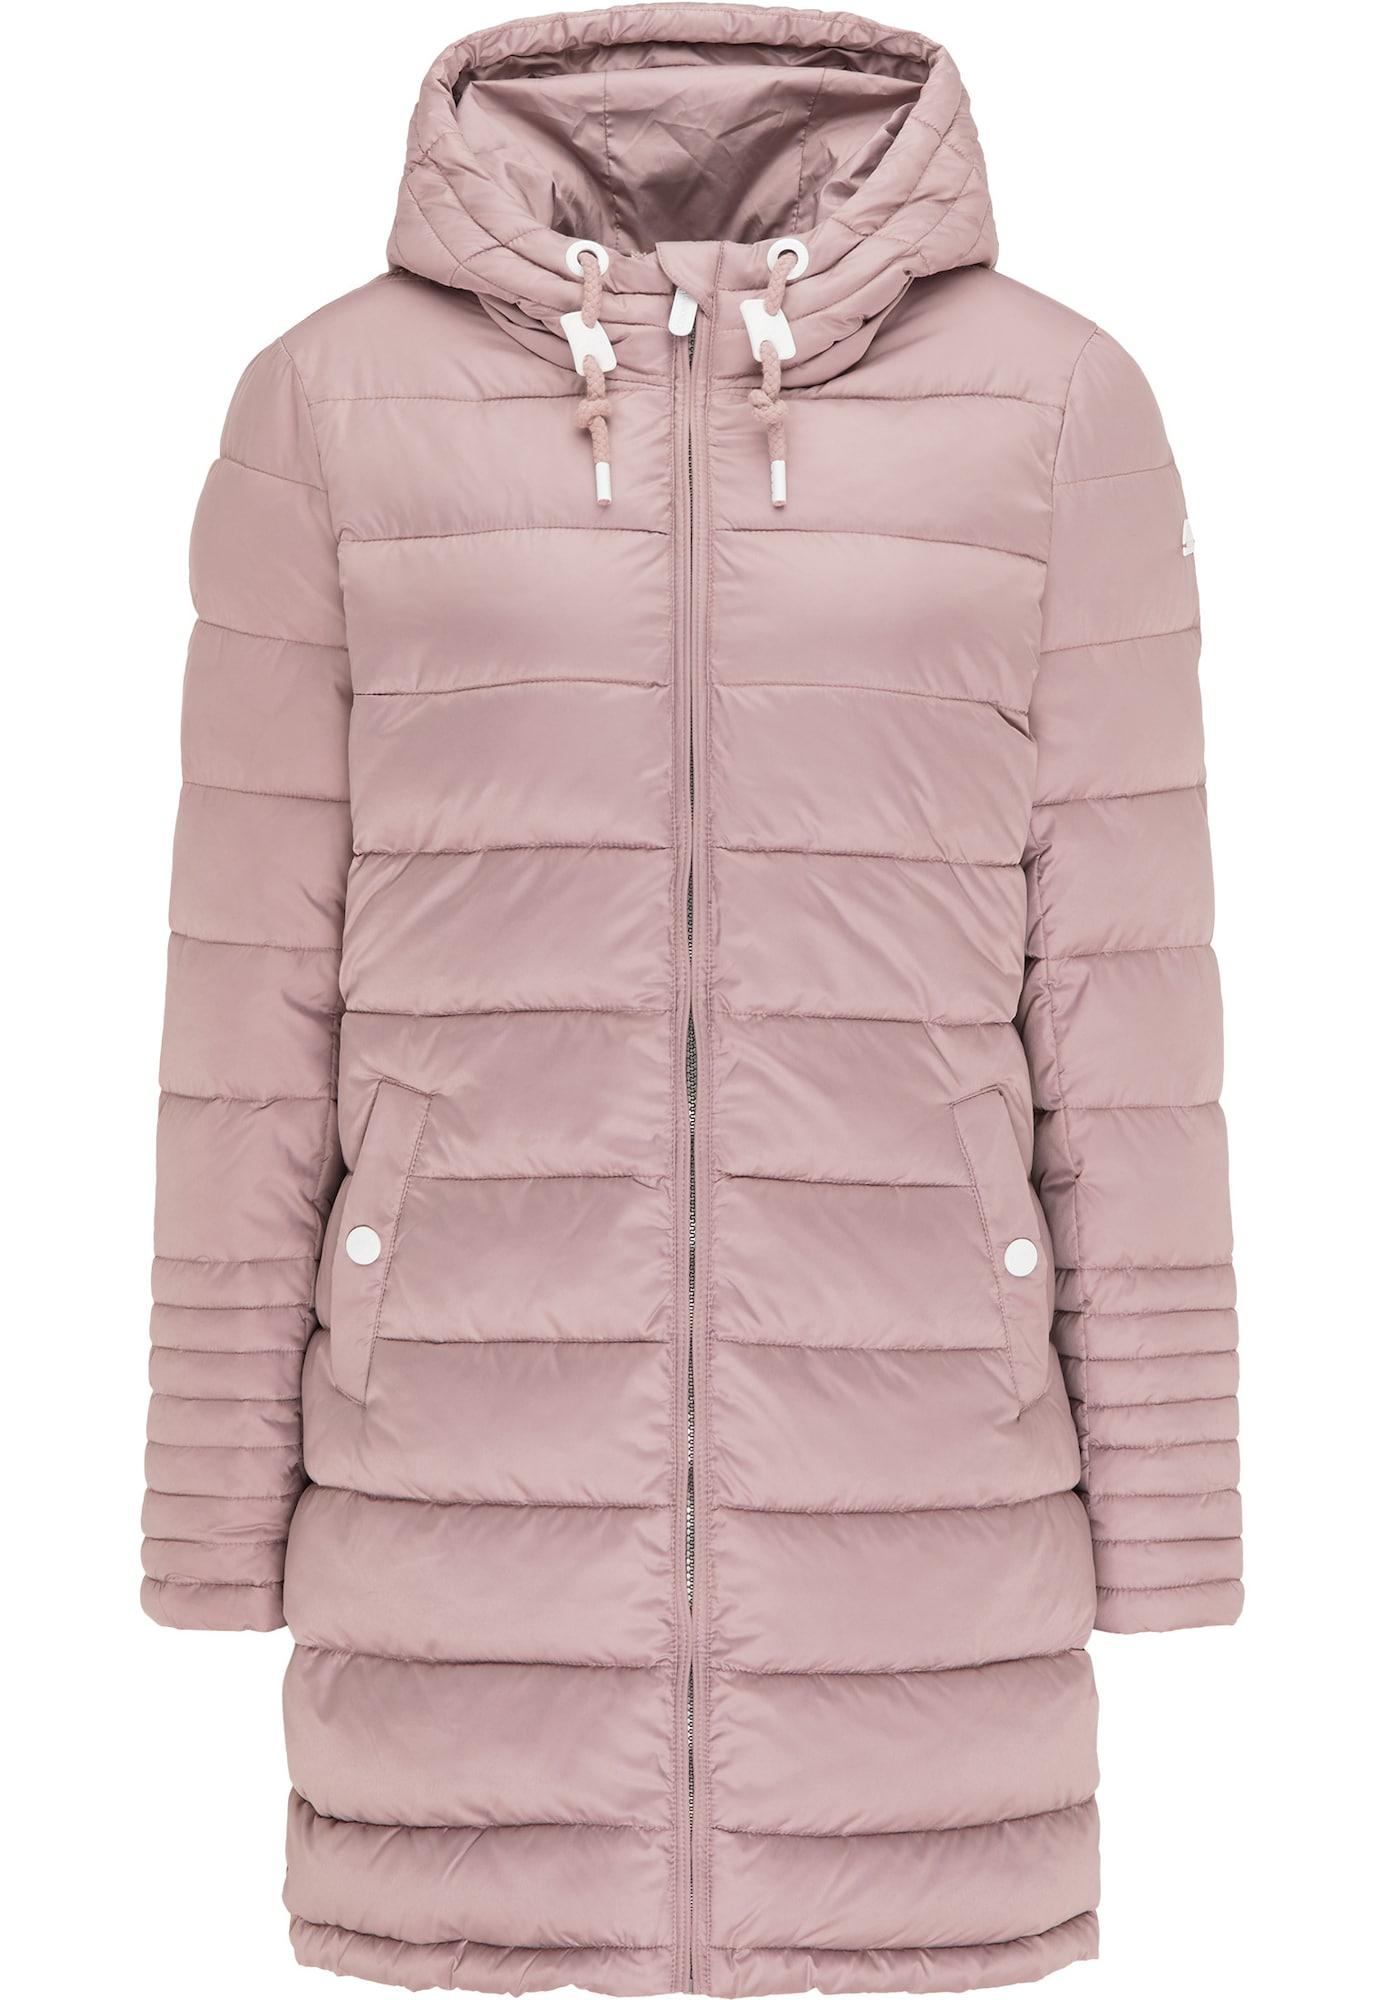 ICEBOUND Žieminis paltas kūno spalva